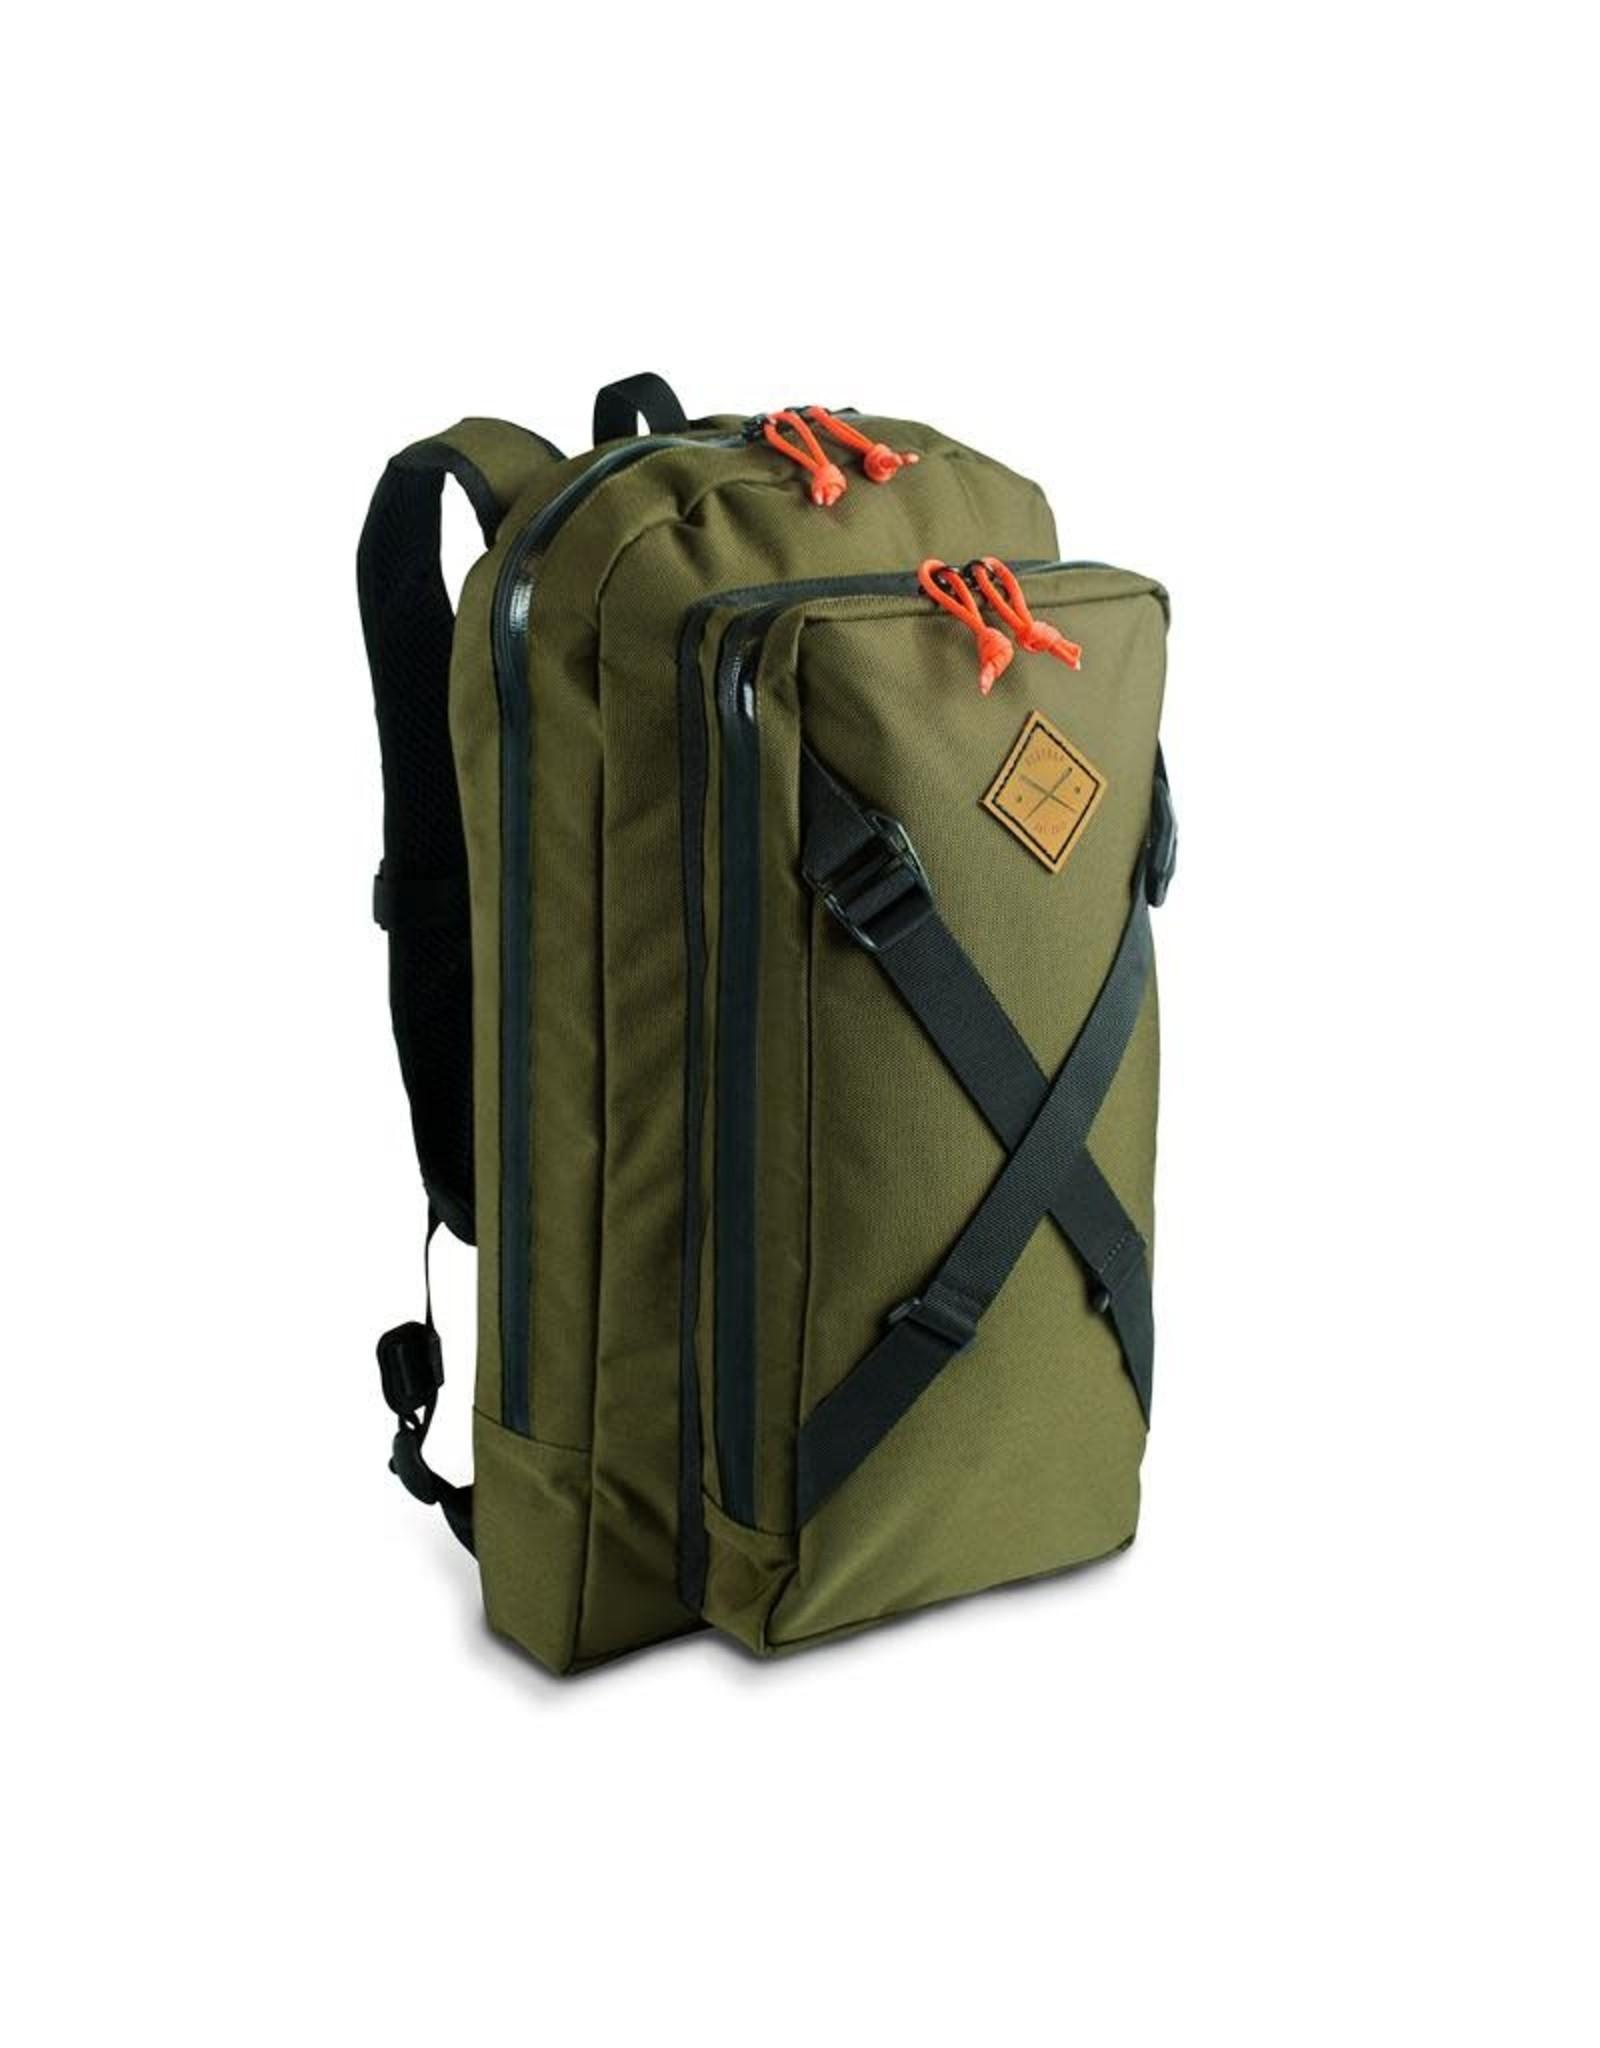 Restrap Sub Backpack - Olive